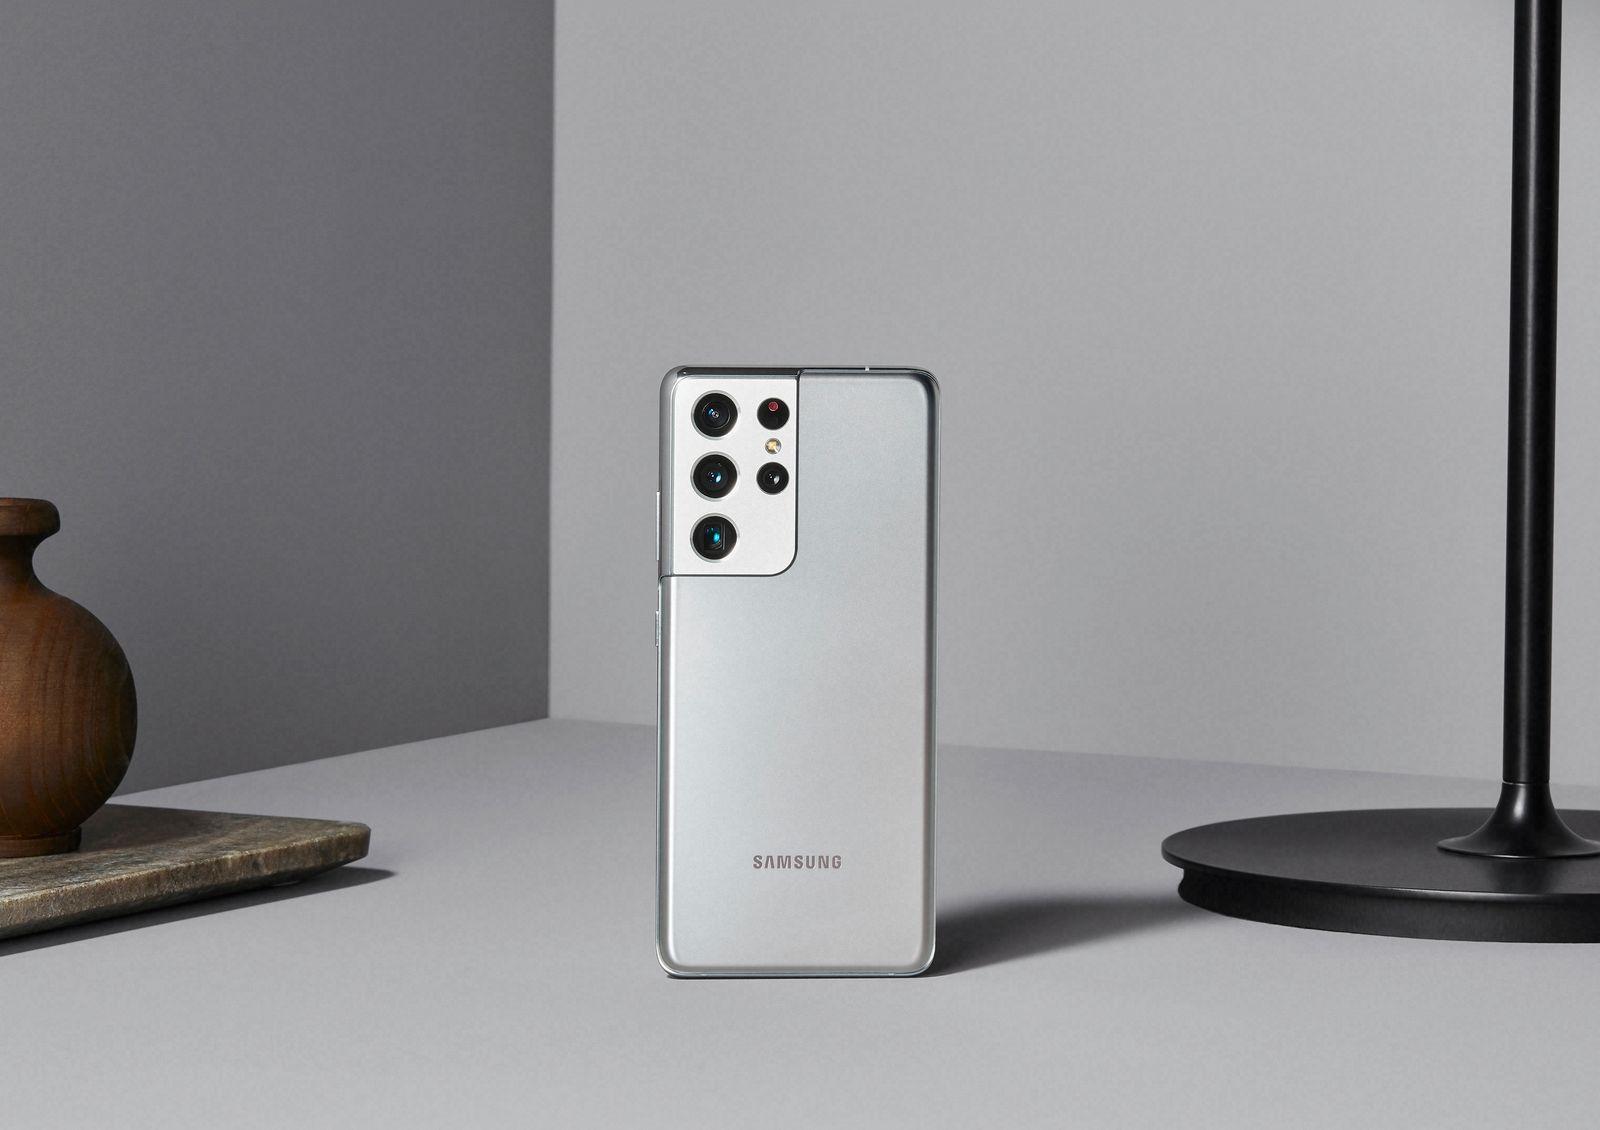 SPERRFRIST 14.1. 16 Uhr / Samsung Galaxy S21